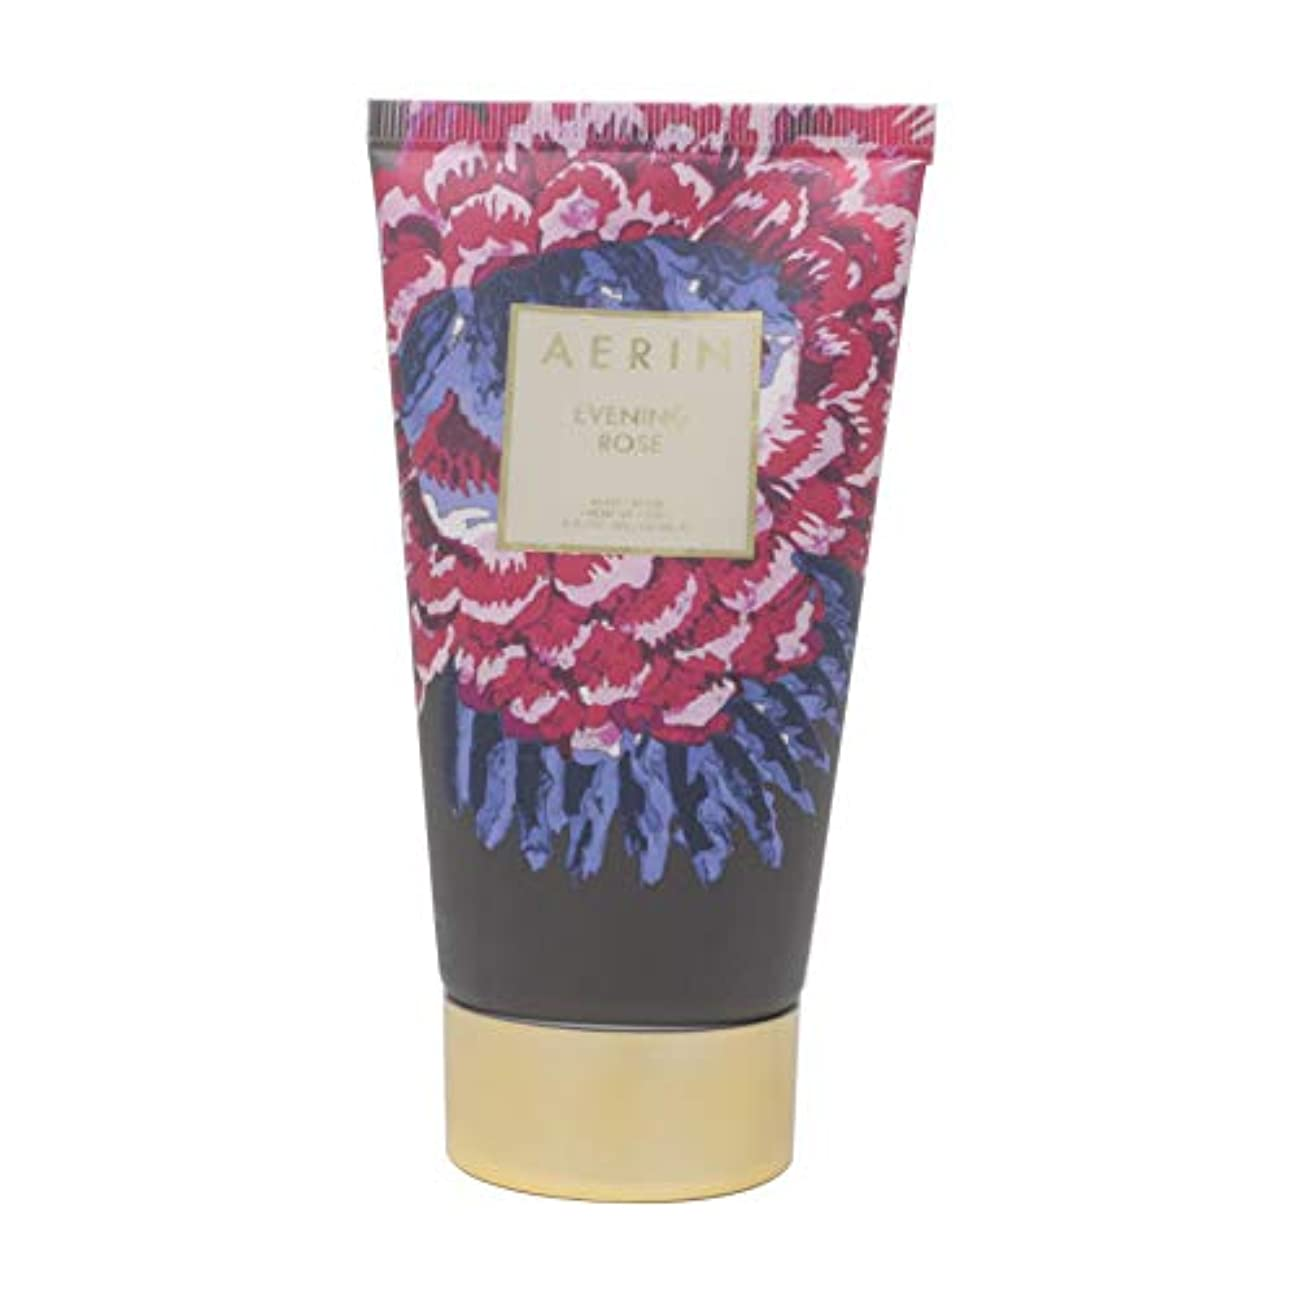 高原財団魔法AERIN 'Evening Rose' (アエリン イブニング ローズ) 5.0 oz (150ml) Body Cream ボディークリーム by Estee Lauder for Women